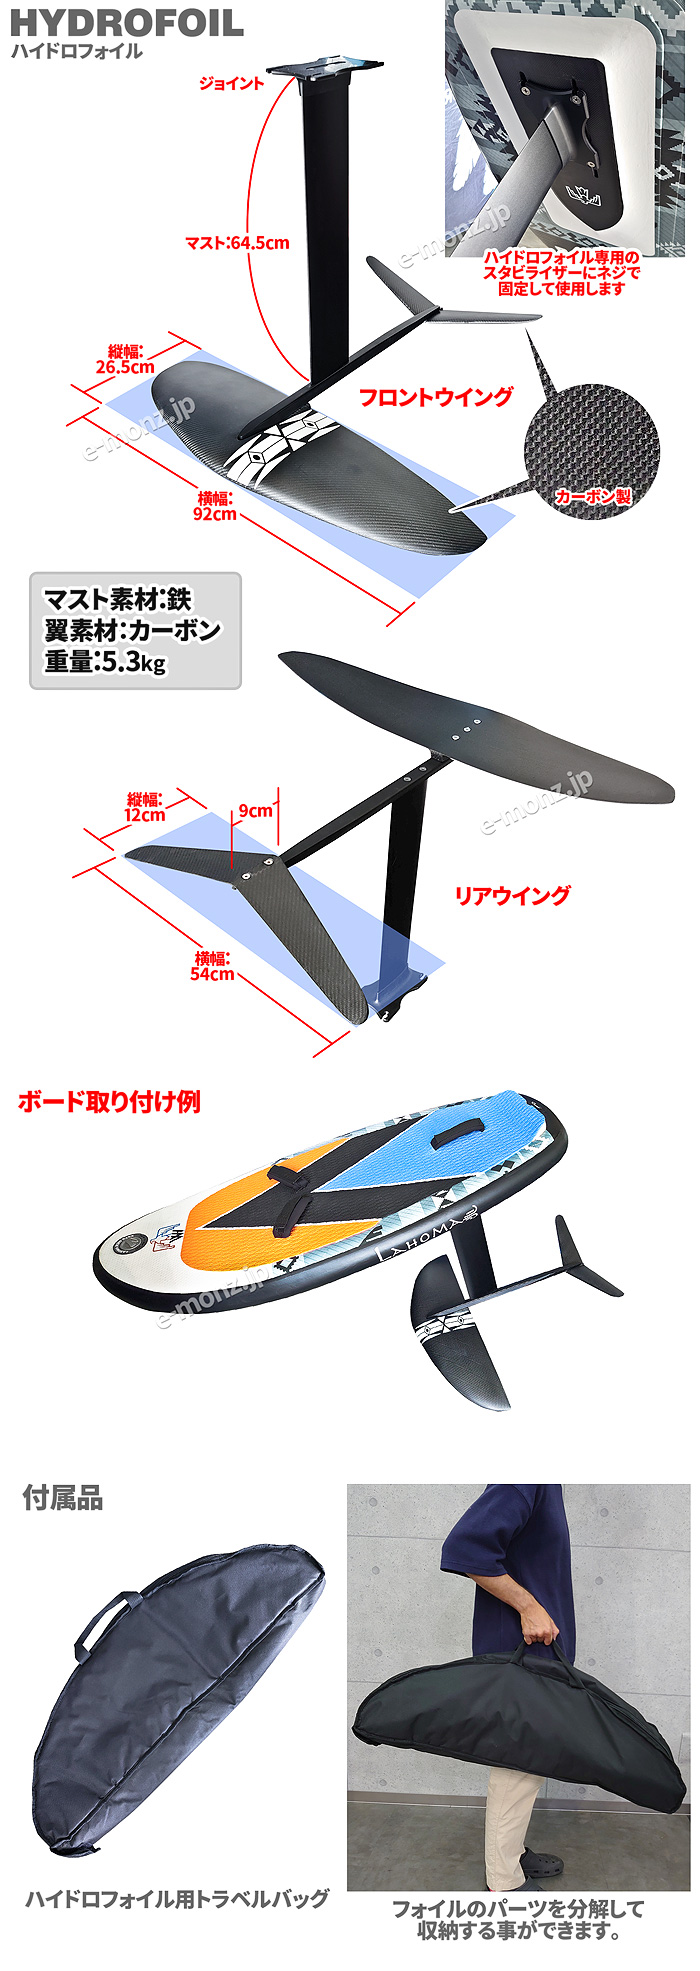 ウィングフォイルサーフィン